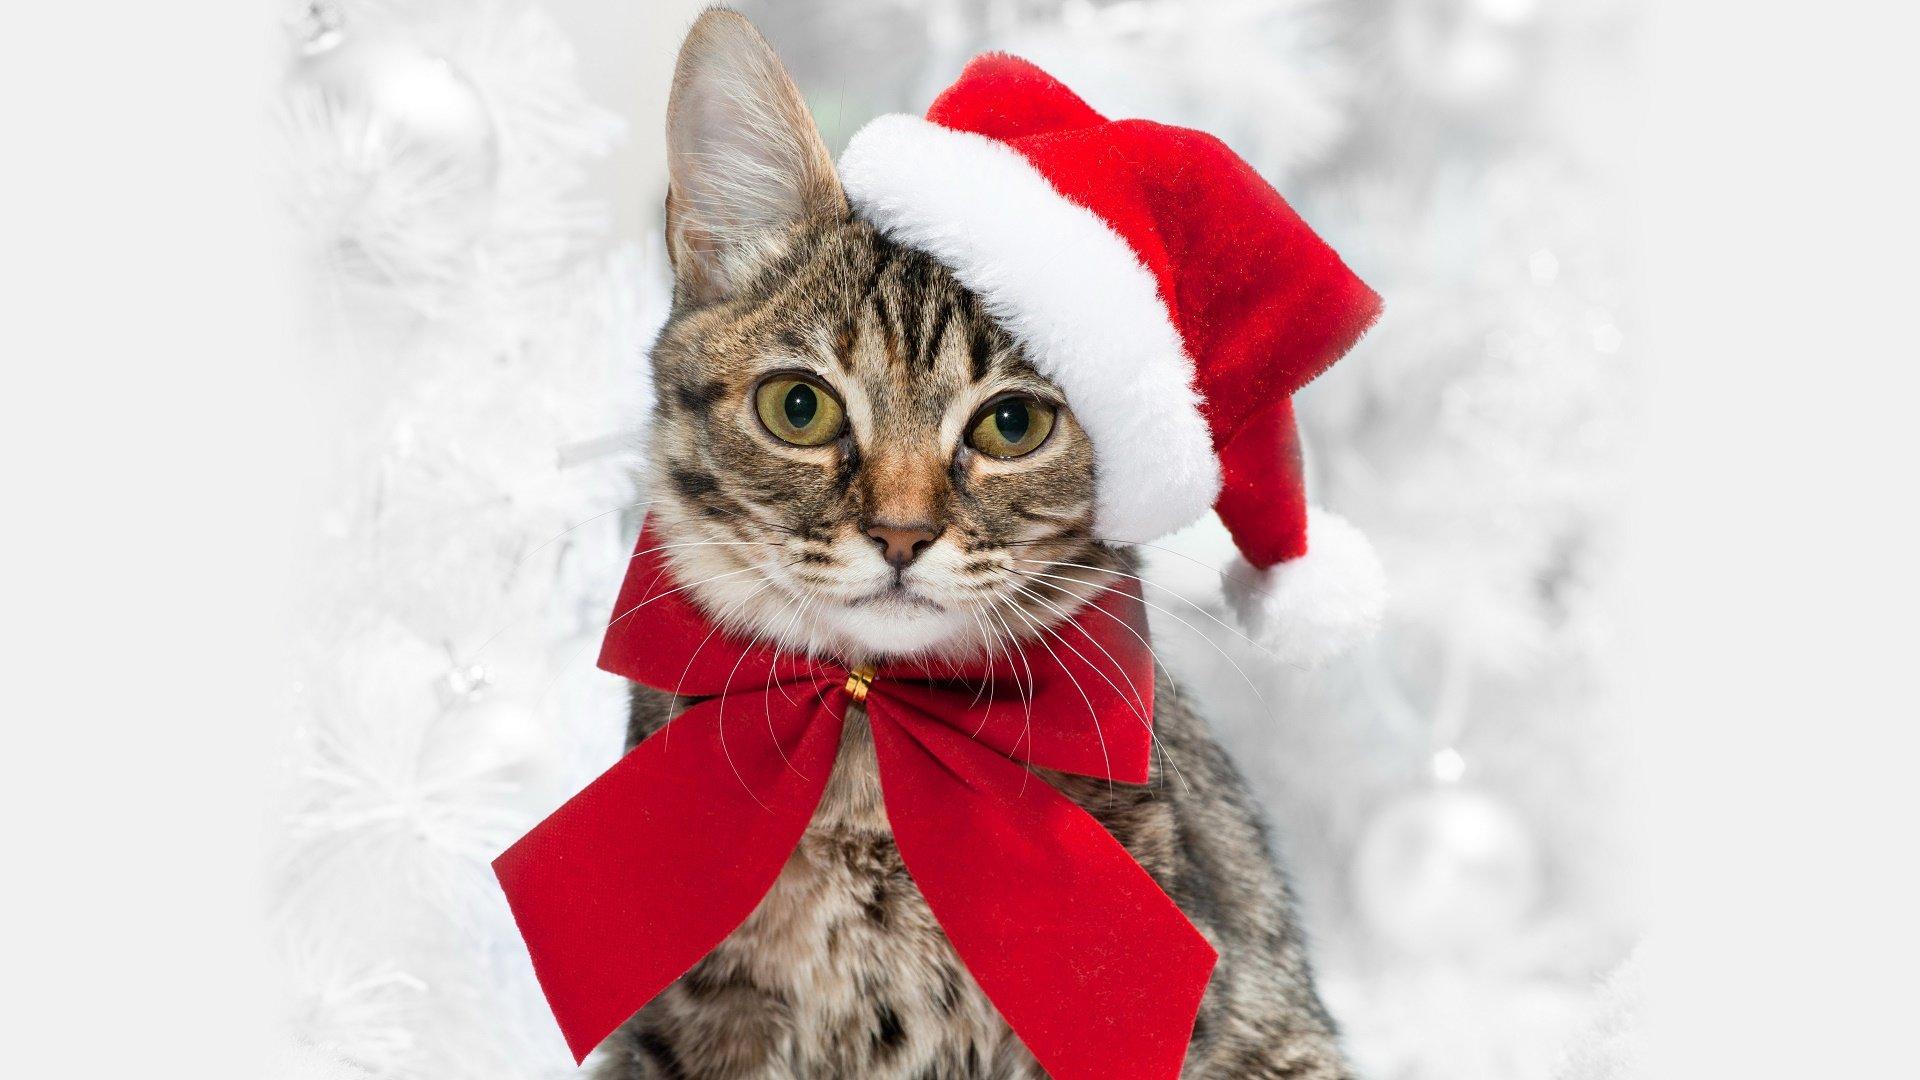 Free Download Cat Wallpaper Id 427388 Full Hd 1080p For Desktop